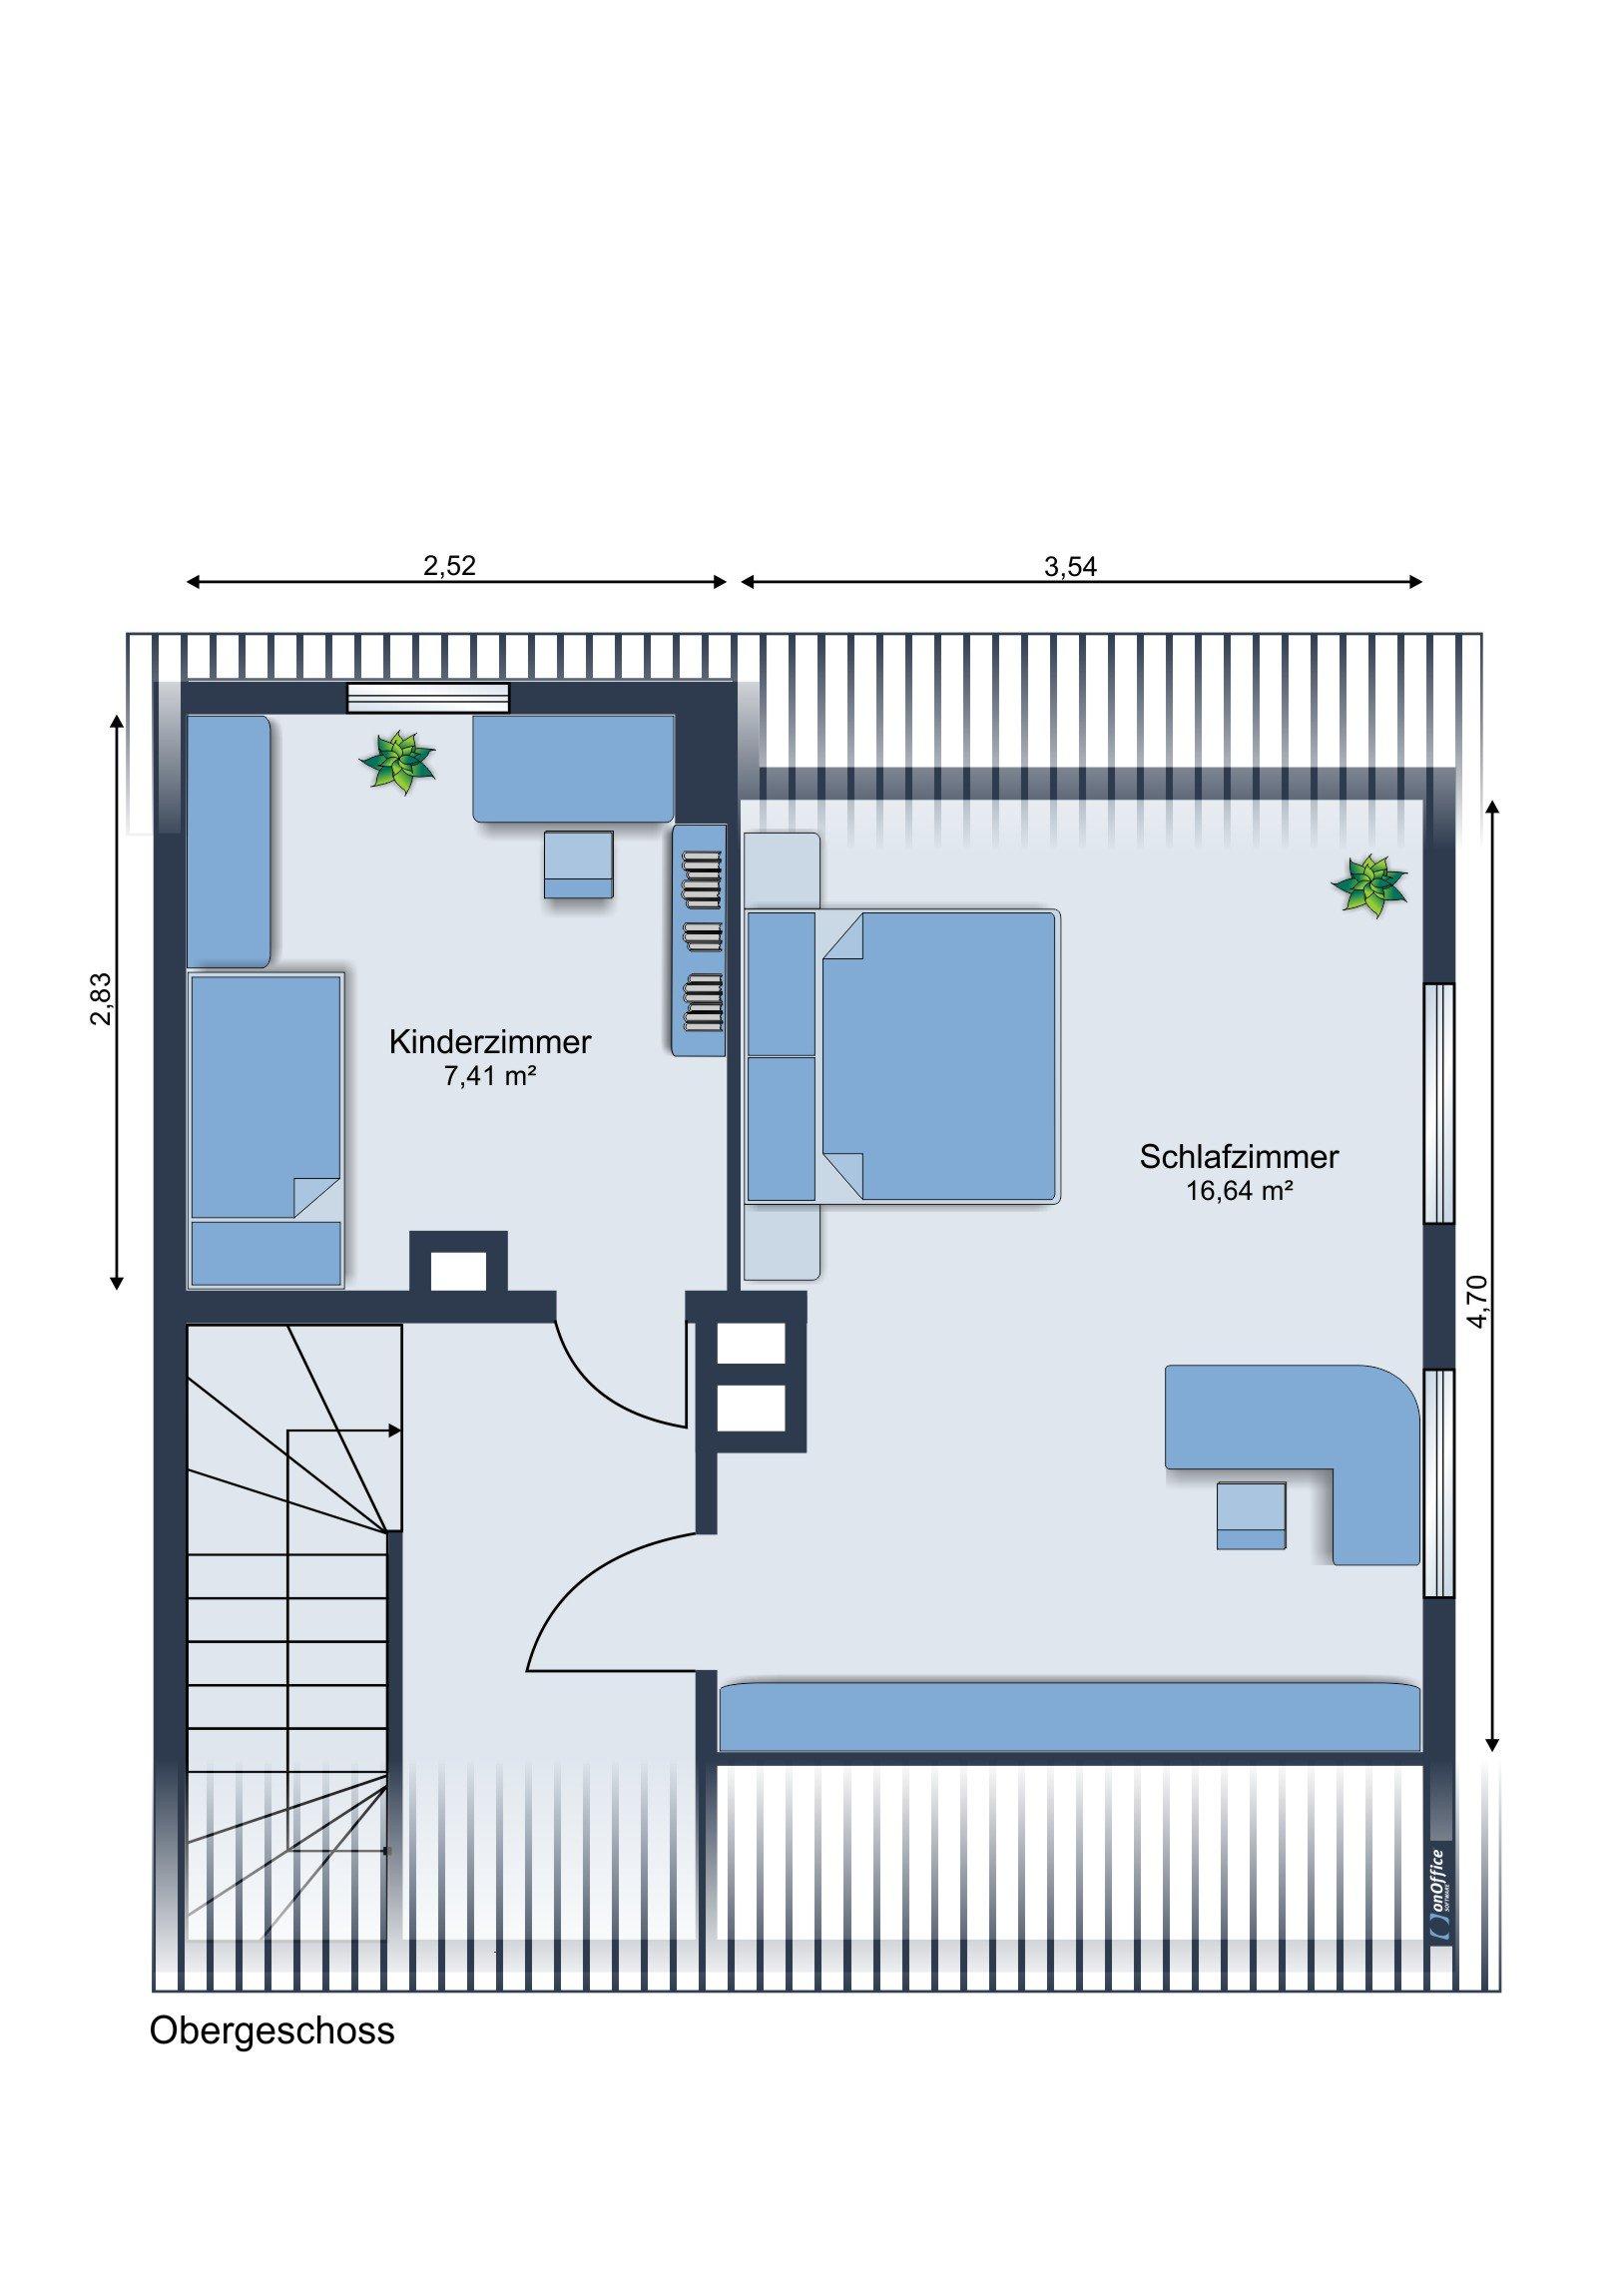 Möbliervorschlag Obergeschoss